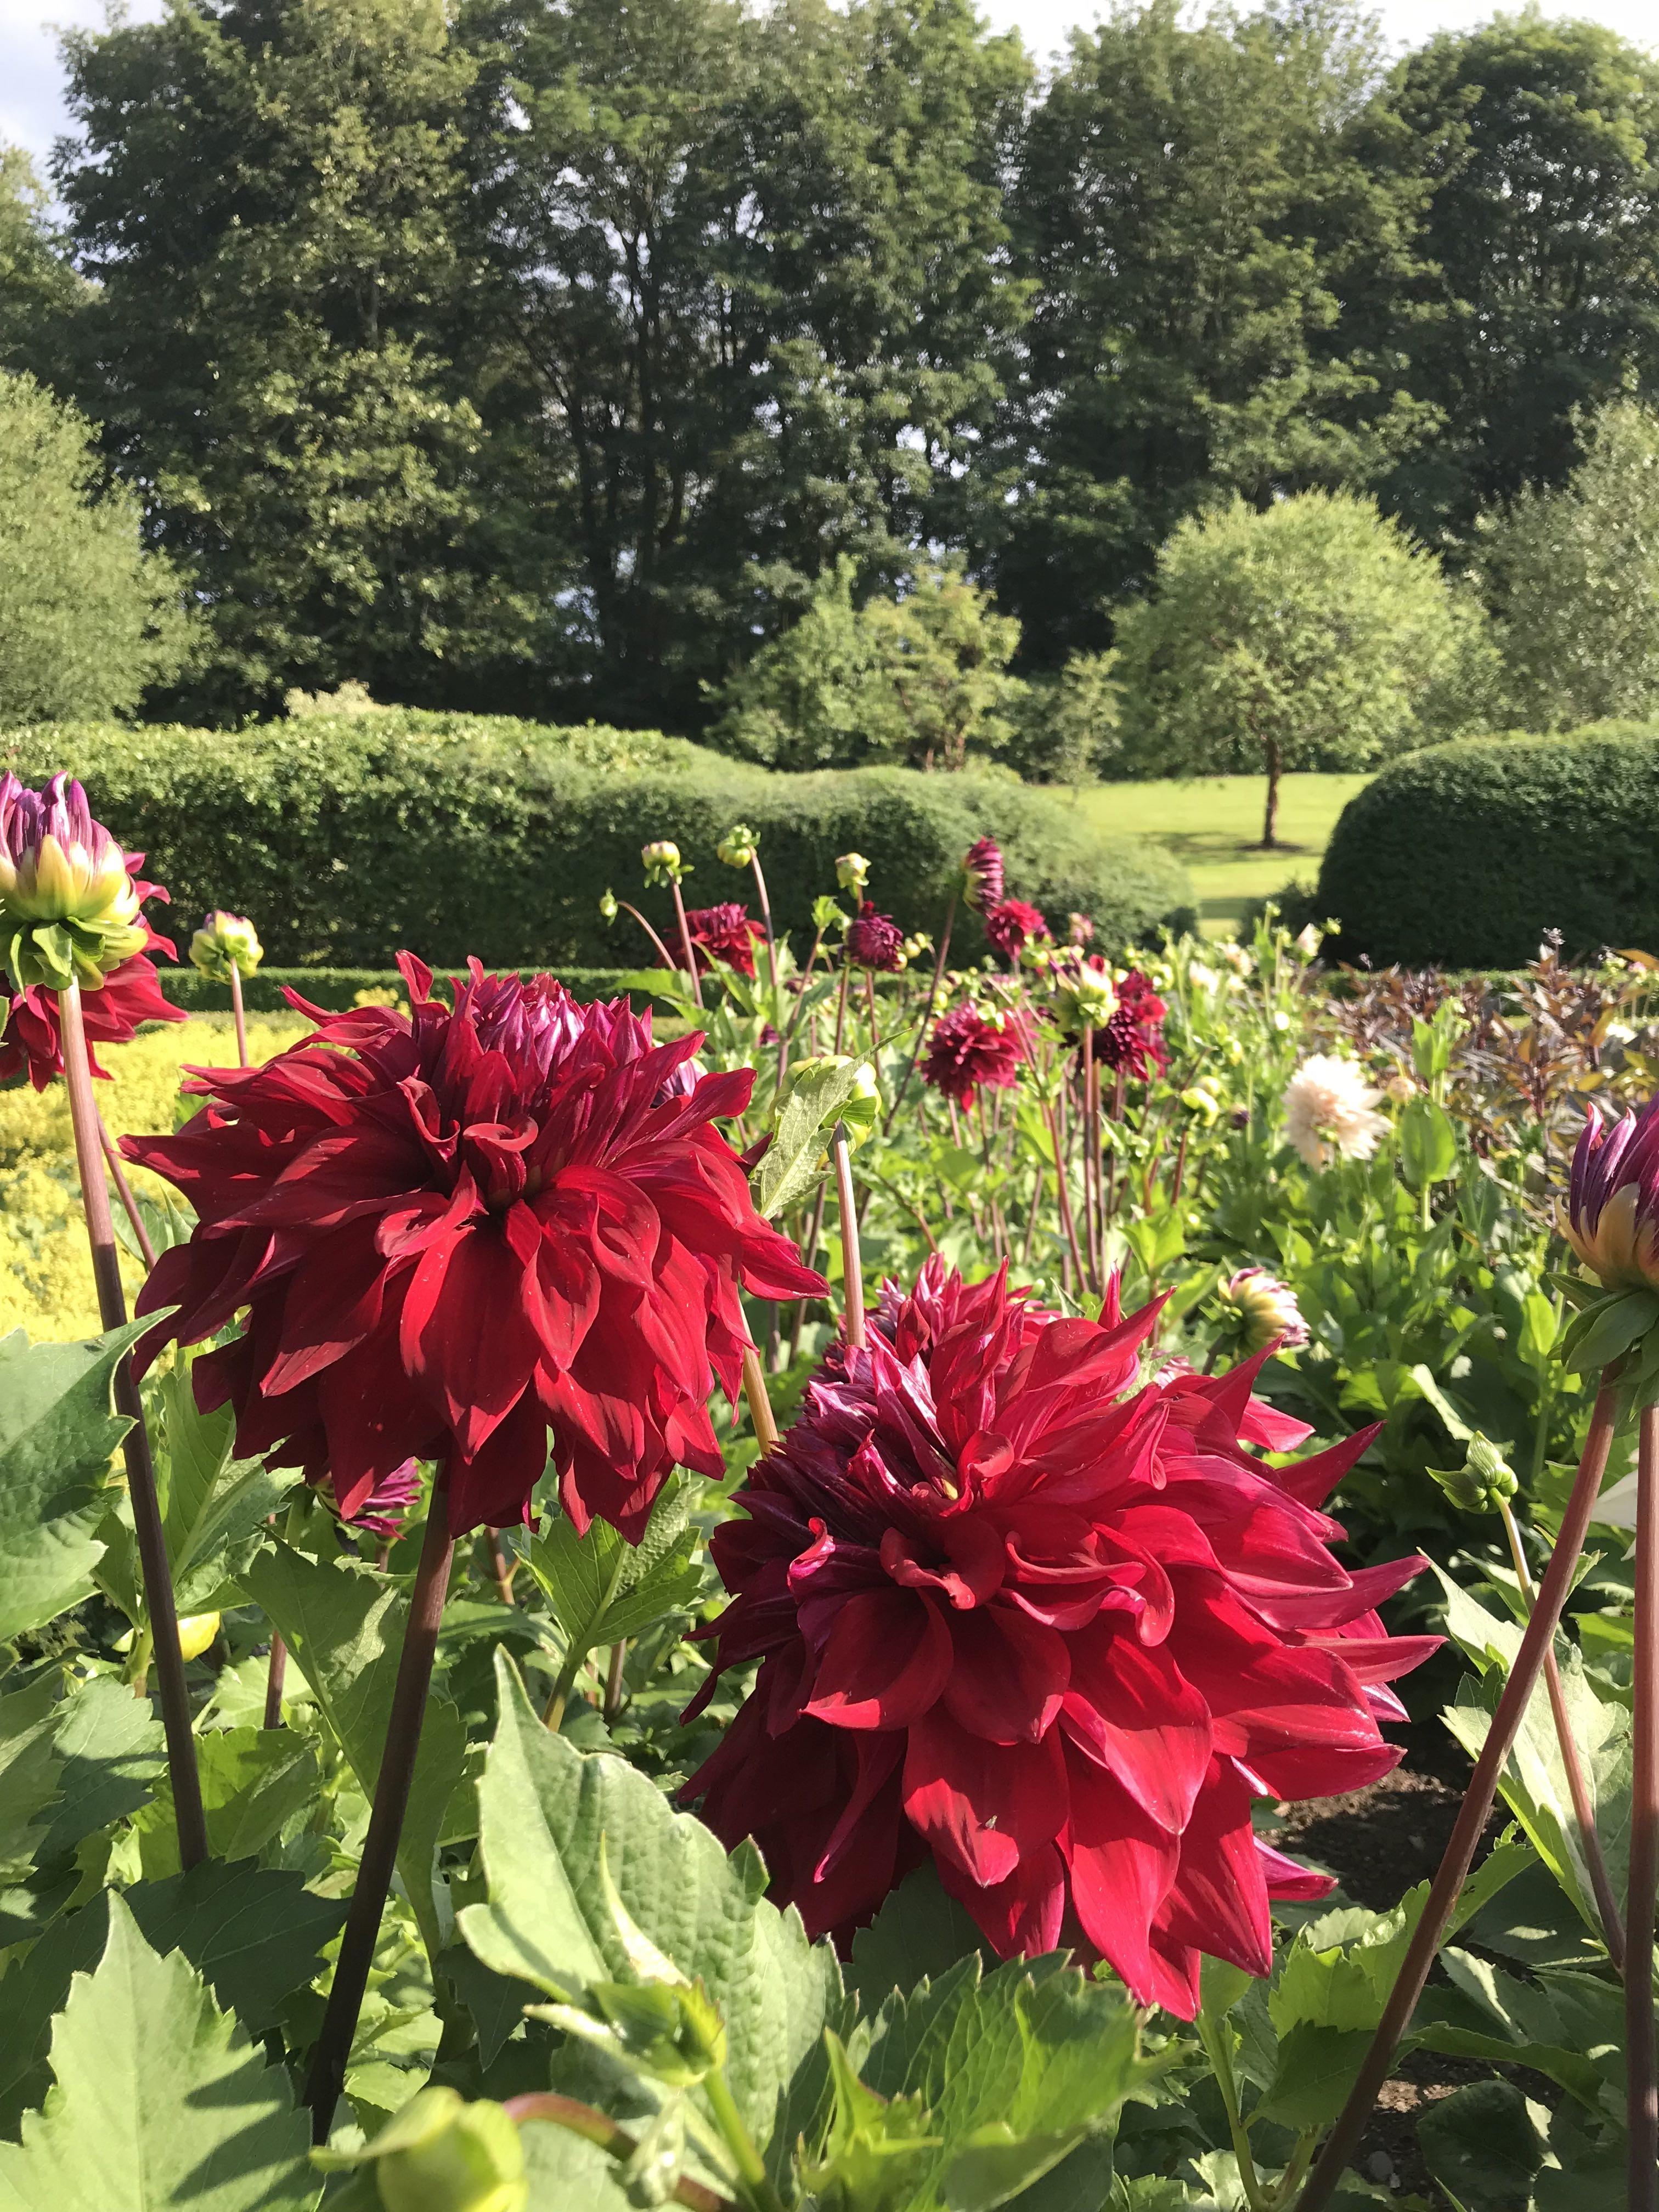 Teasses, Walled Garden, Teasses Estate